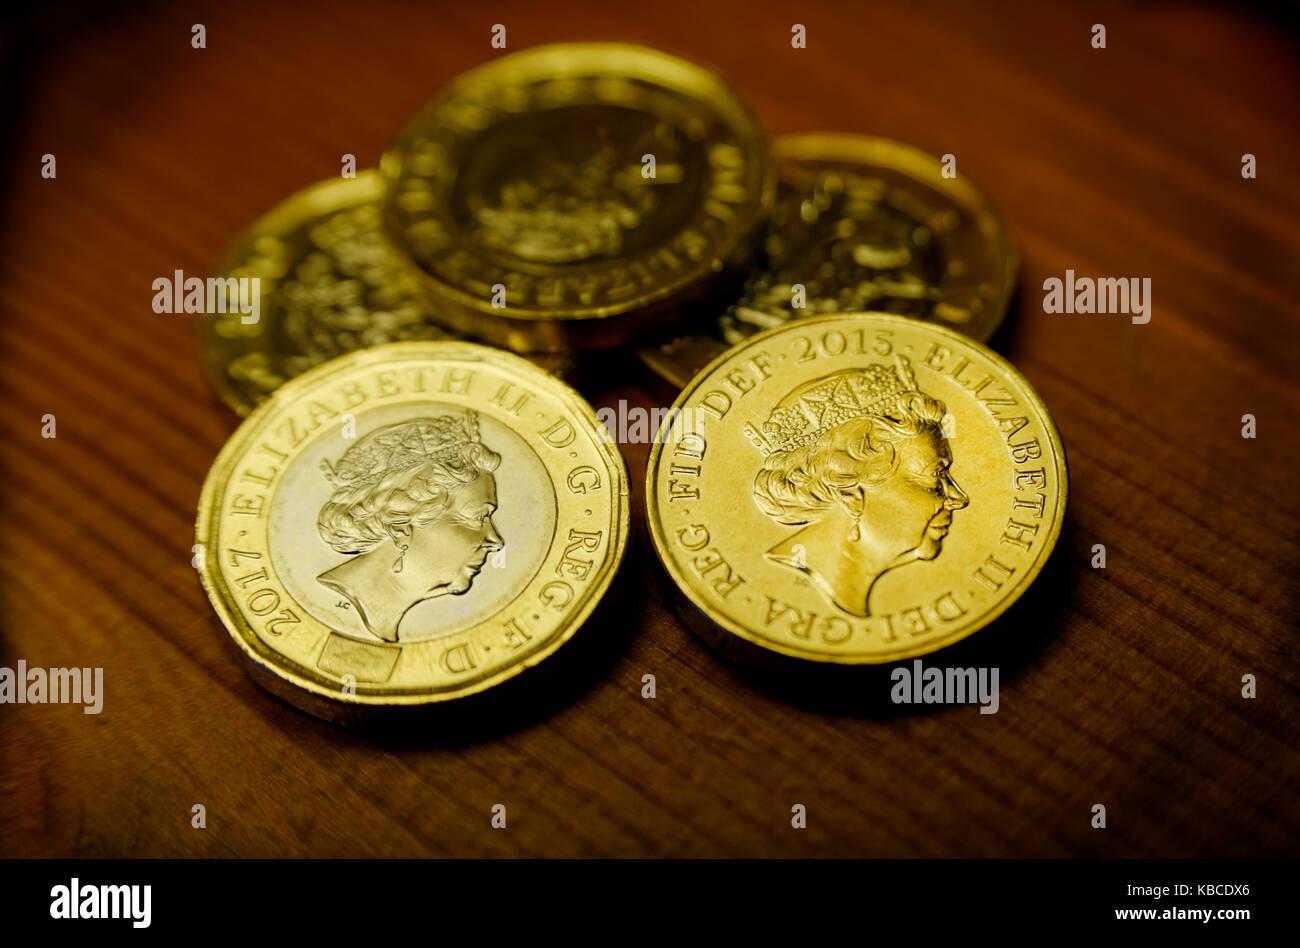 Neue pound Münze und alten pound Münze Großbritannien Stockbild